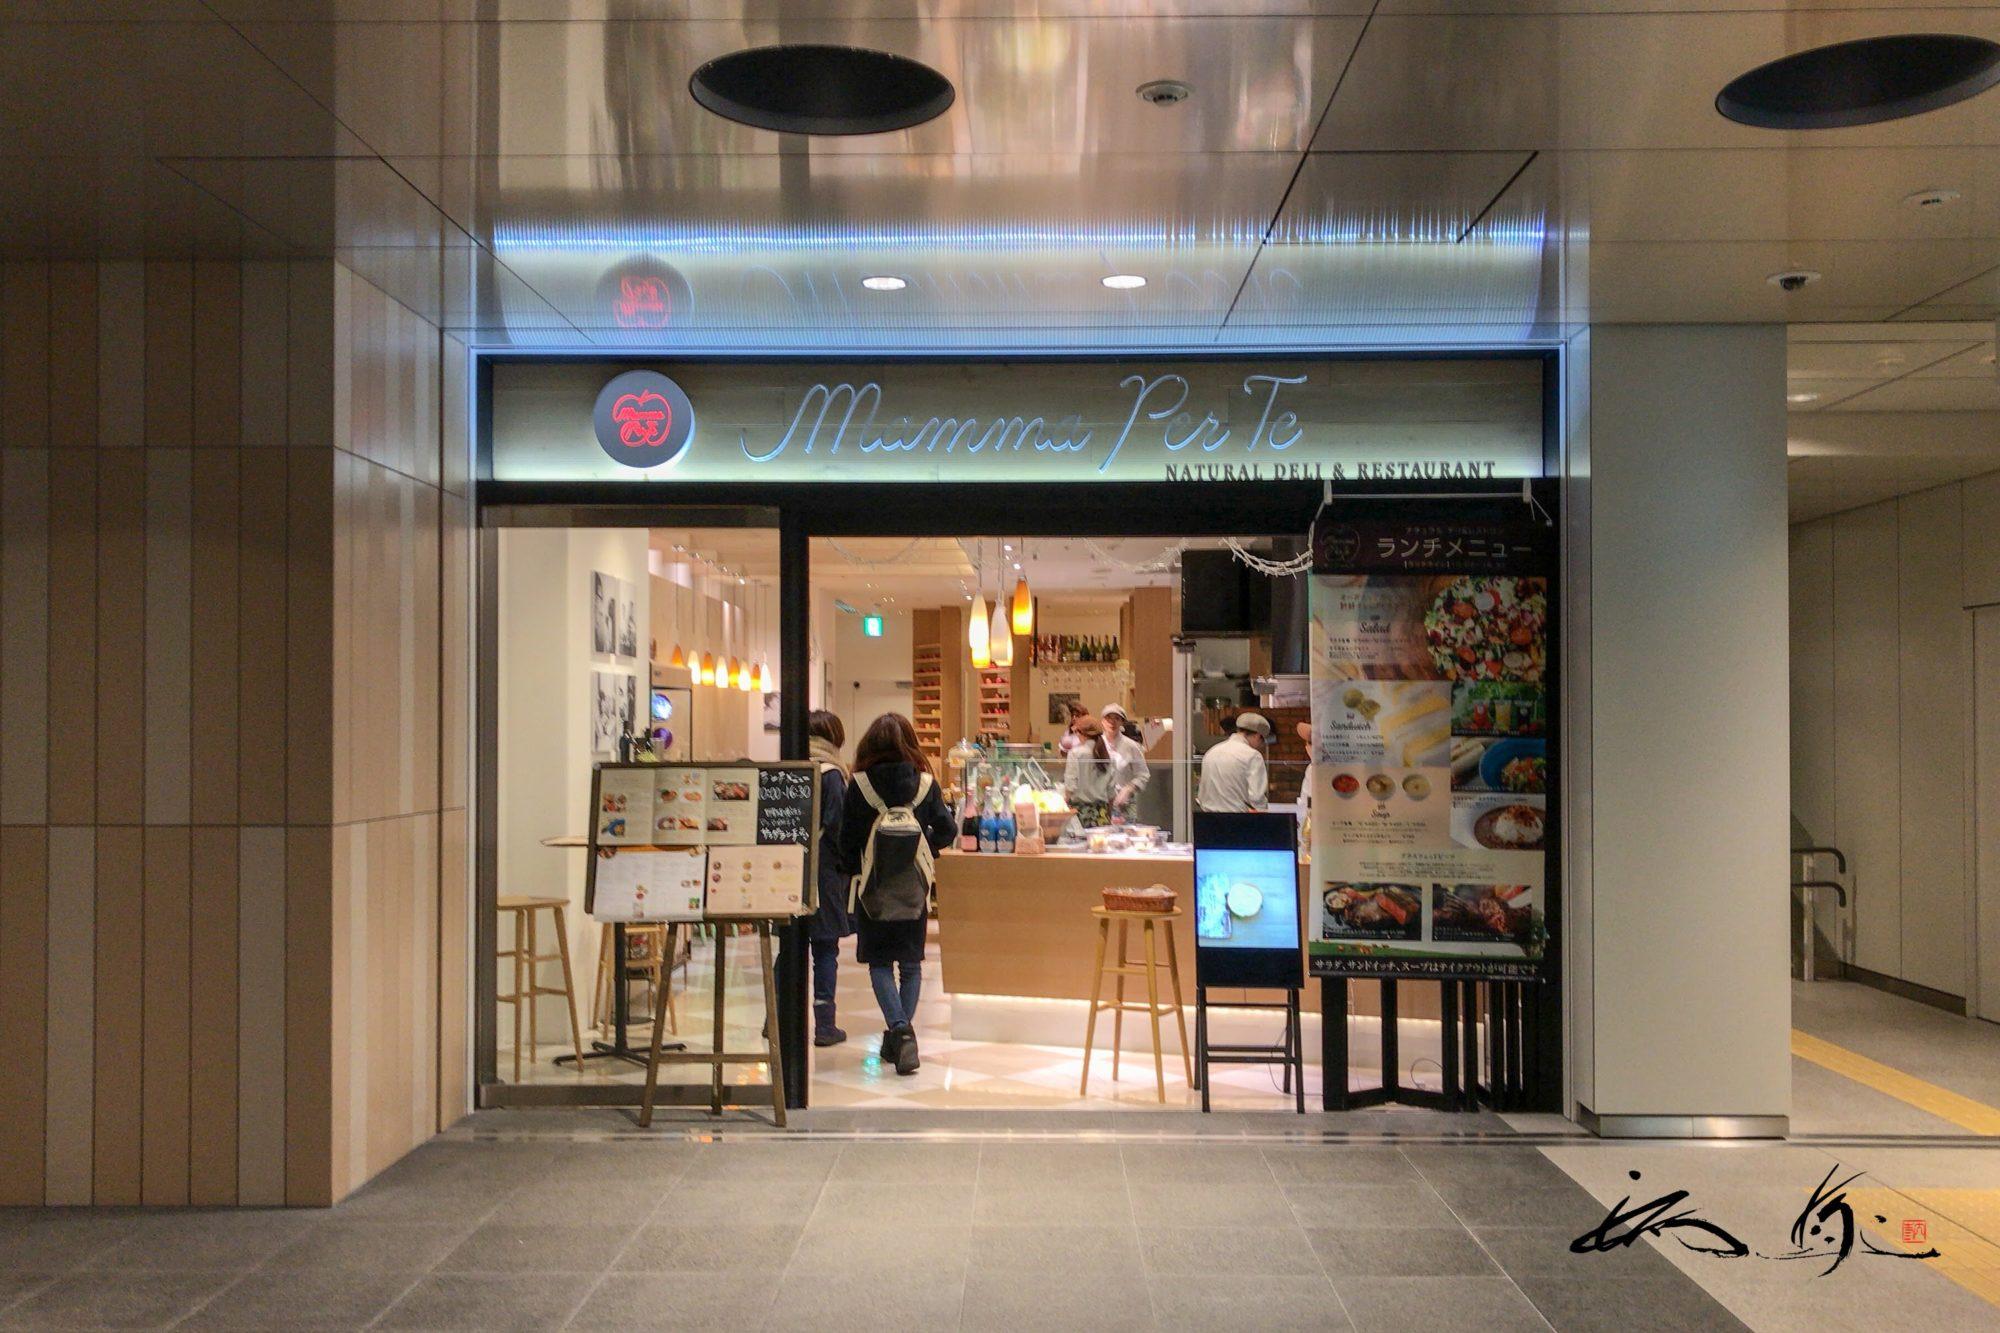 マンマペルテ@シタッテサッポロB1F(札幌市)チョップドサラダ & グラスフェッドビーフステーキを堪能